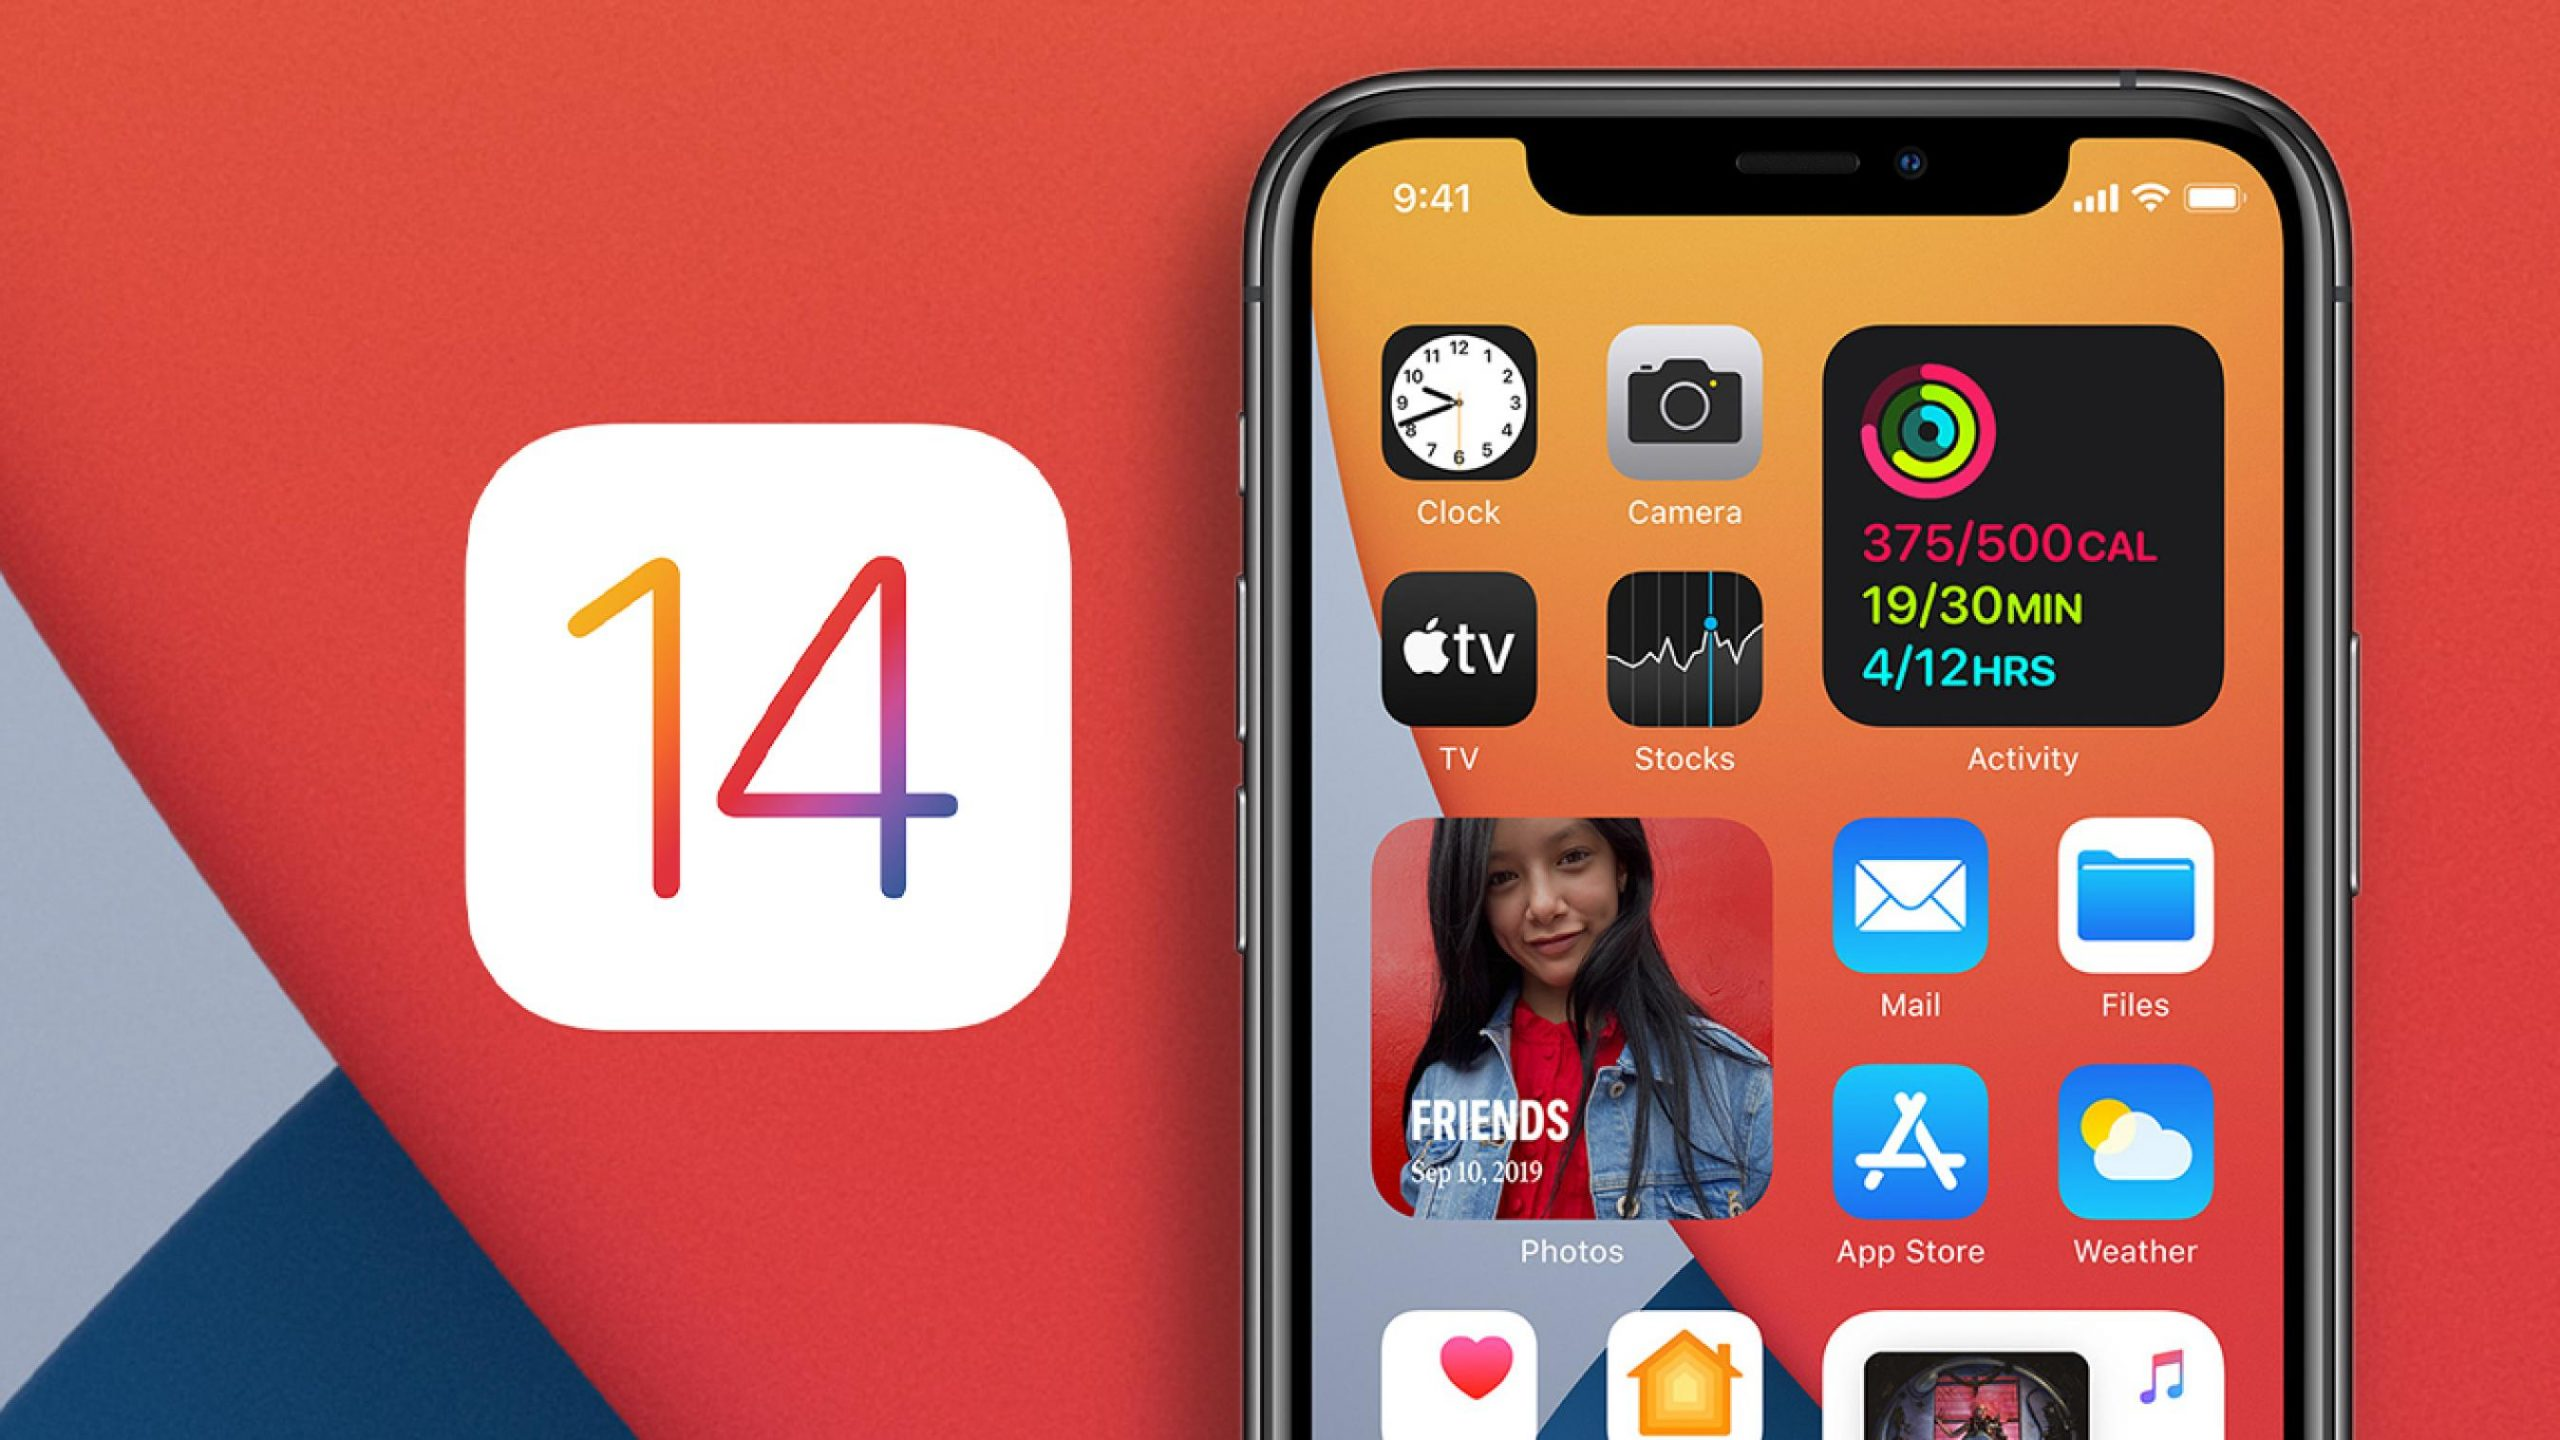 Сюрприз для пользователей: Apple выпустила обновление iOS 14.8.1 для тех, кто не хочет переходить на iOS 15